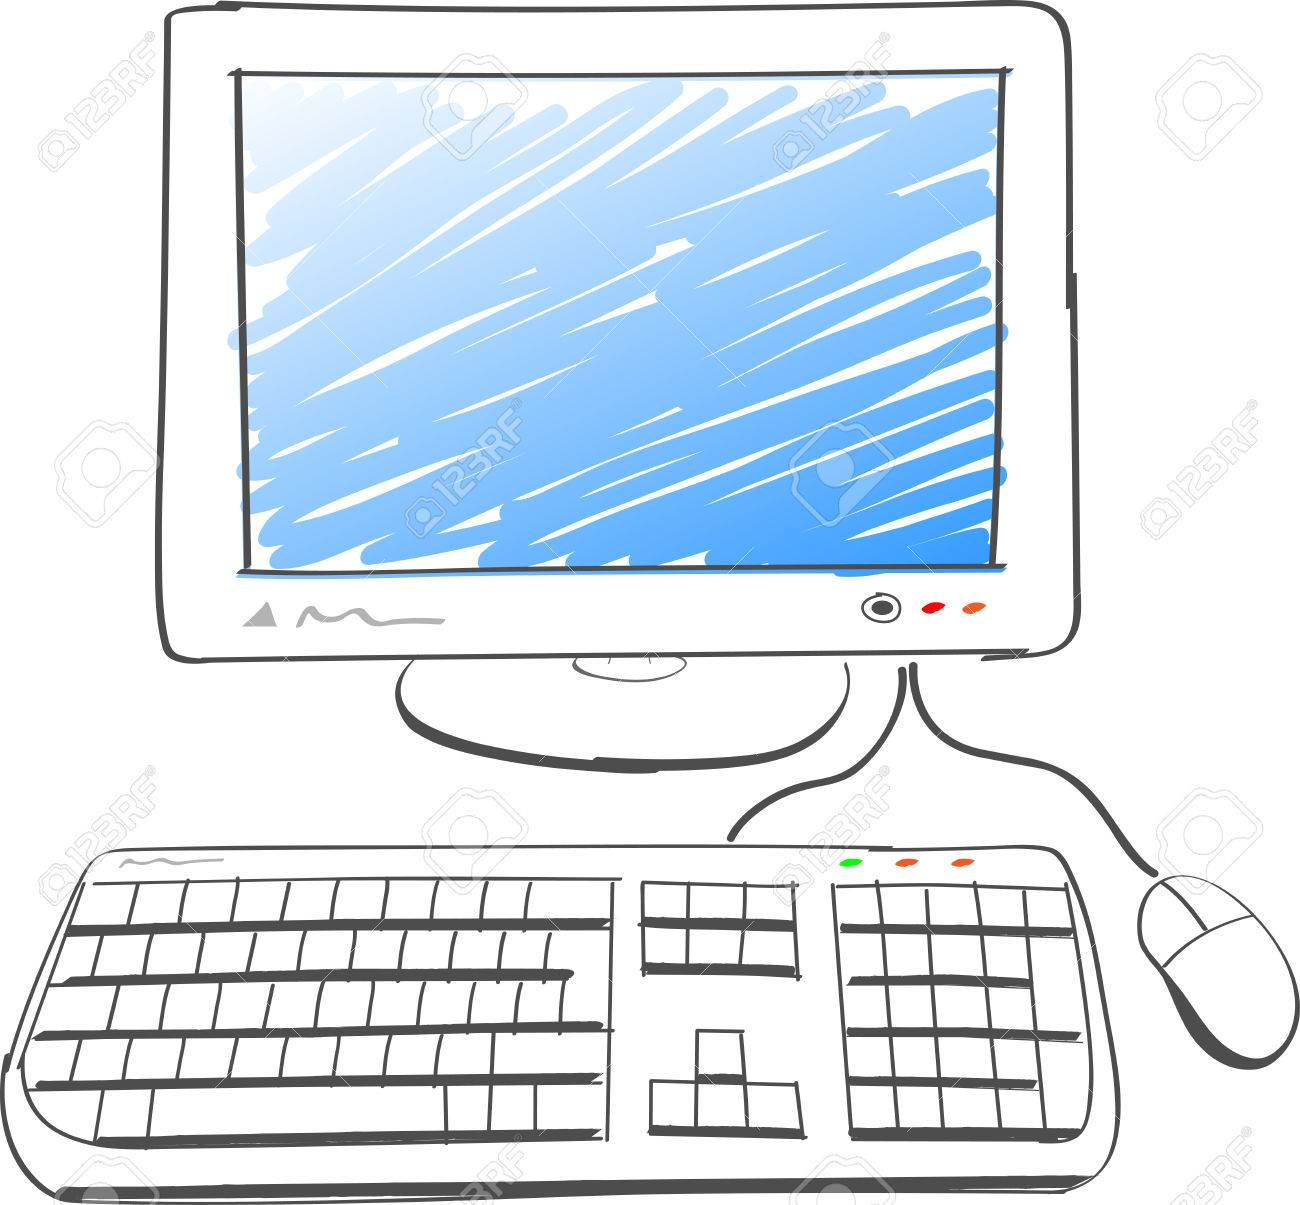 dessin ordinateur - Les dessins et coloriage